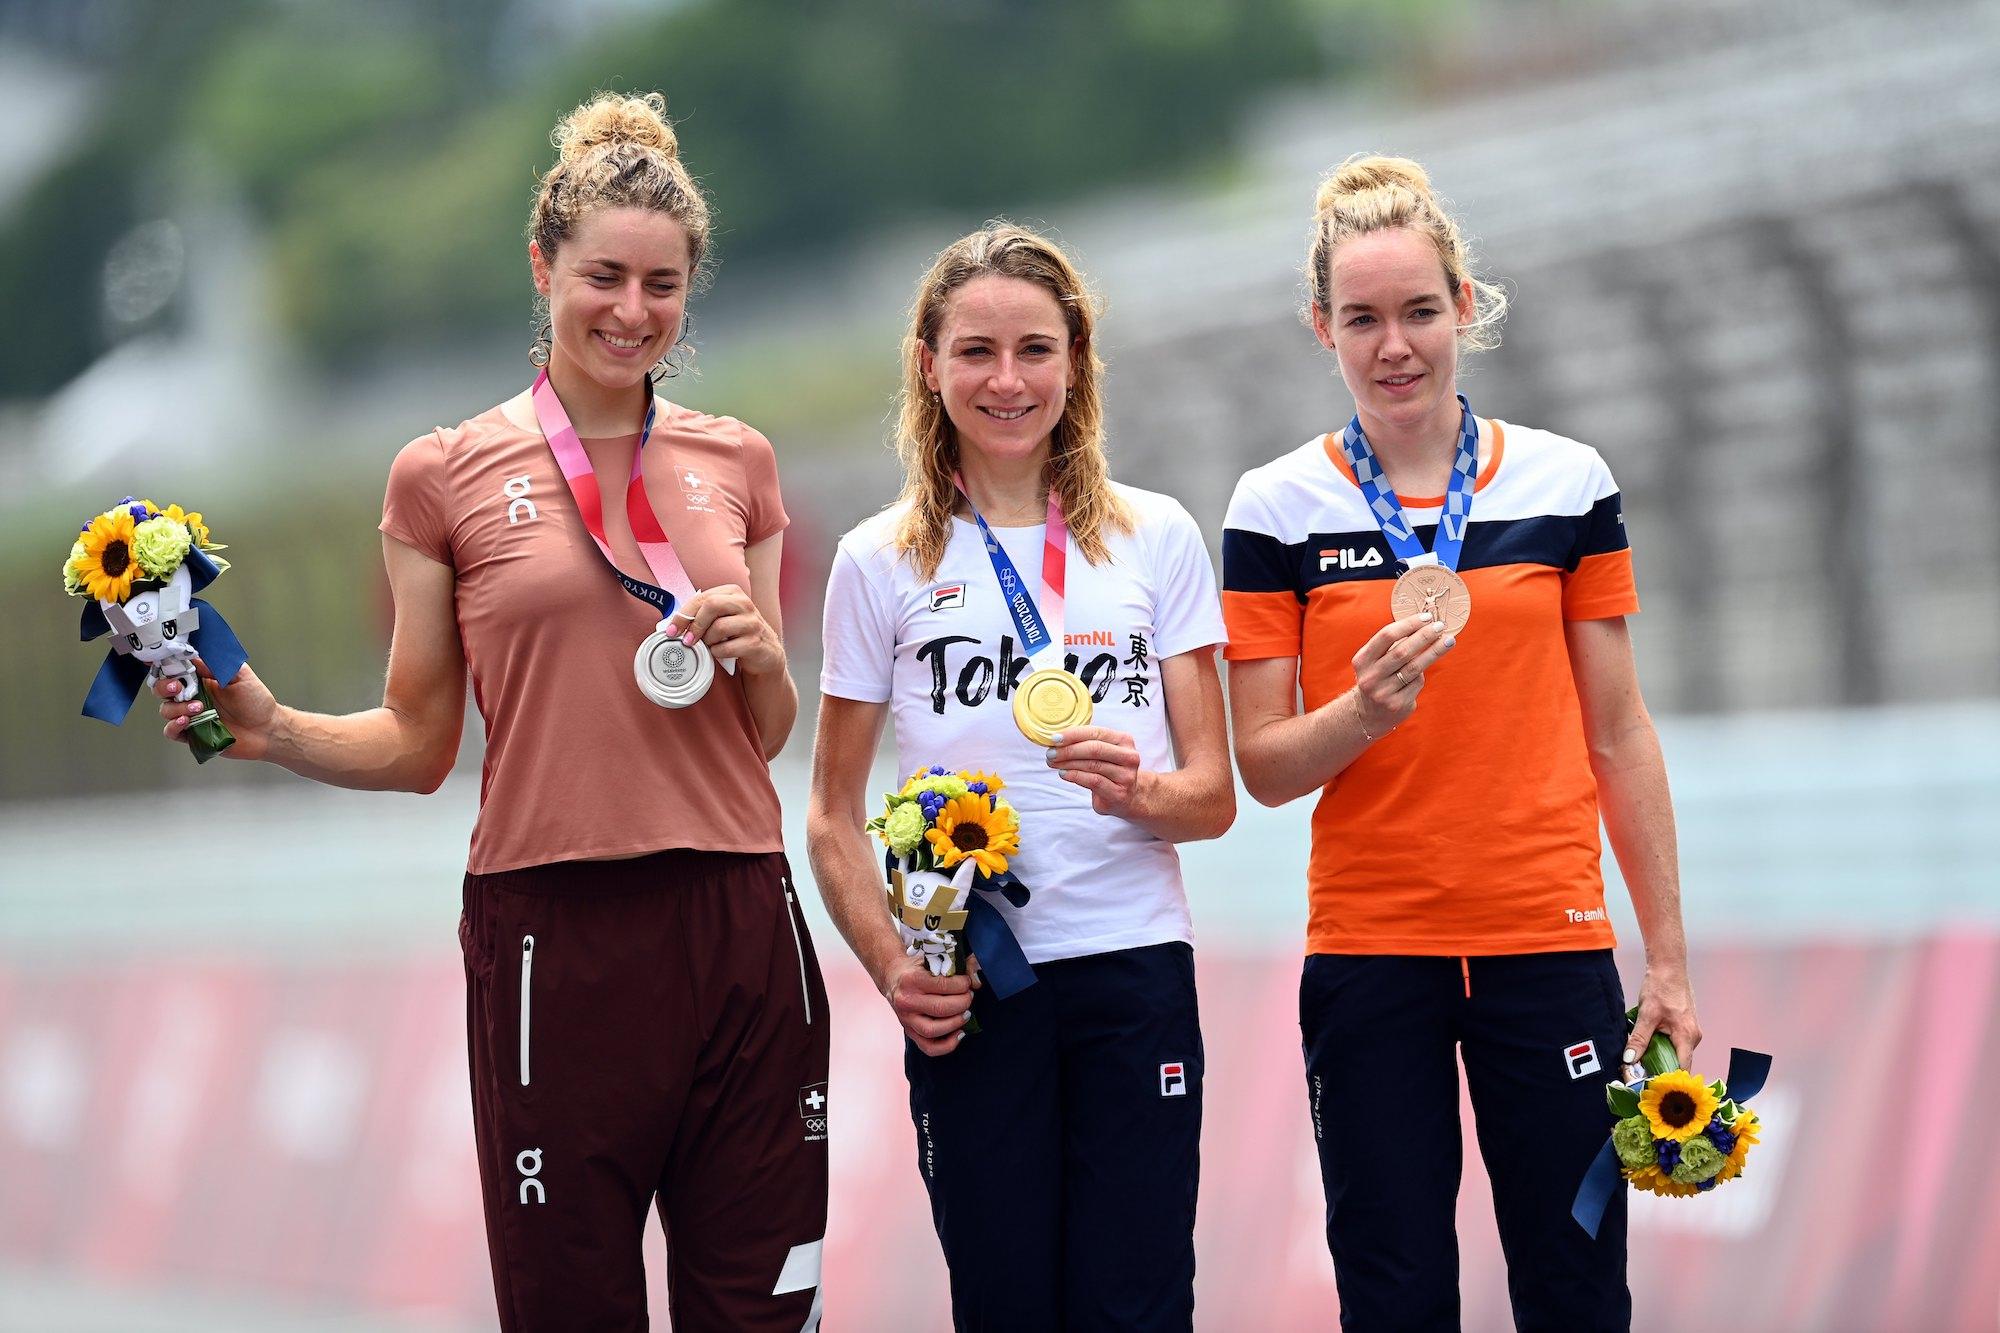 Annemiek van Vleuten gana la contrarreloj olímpica de Tokio 2020